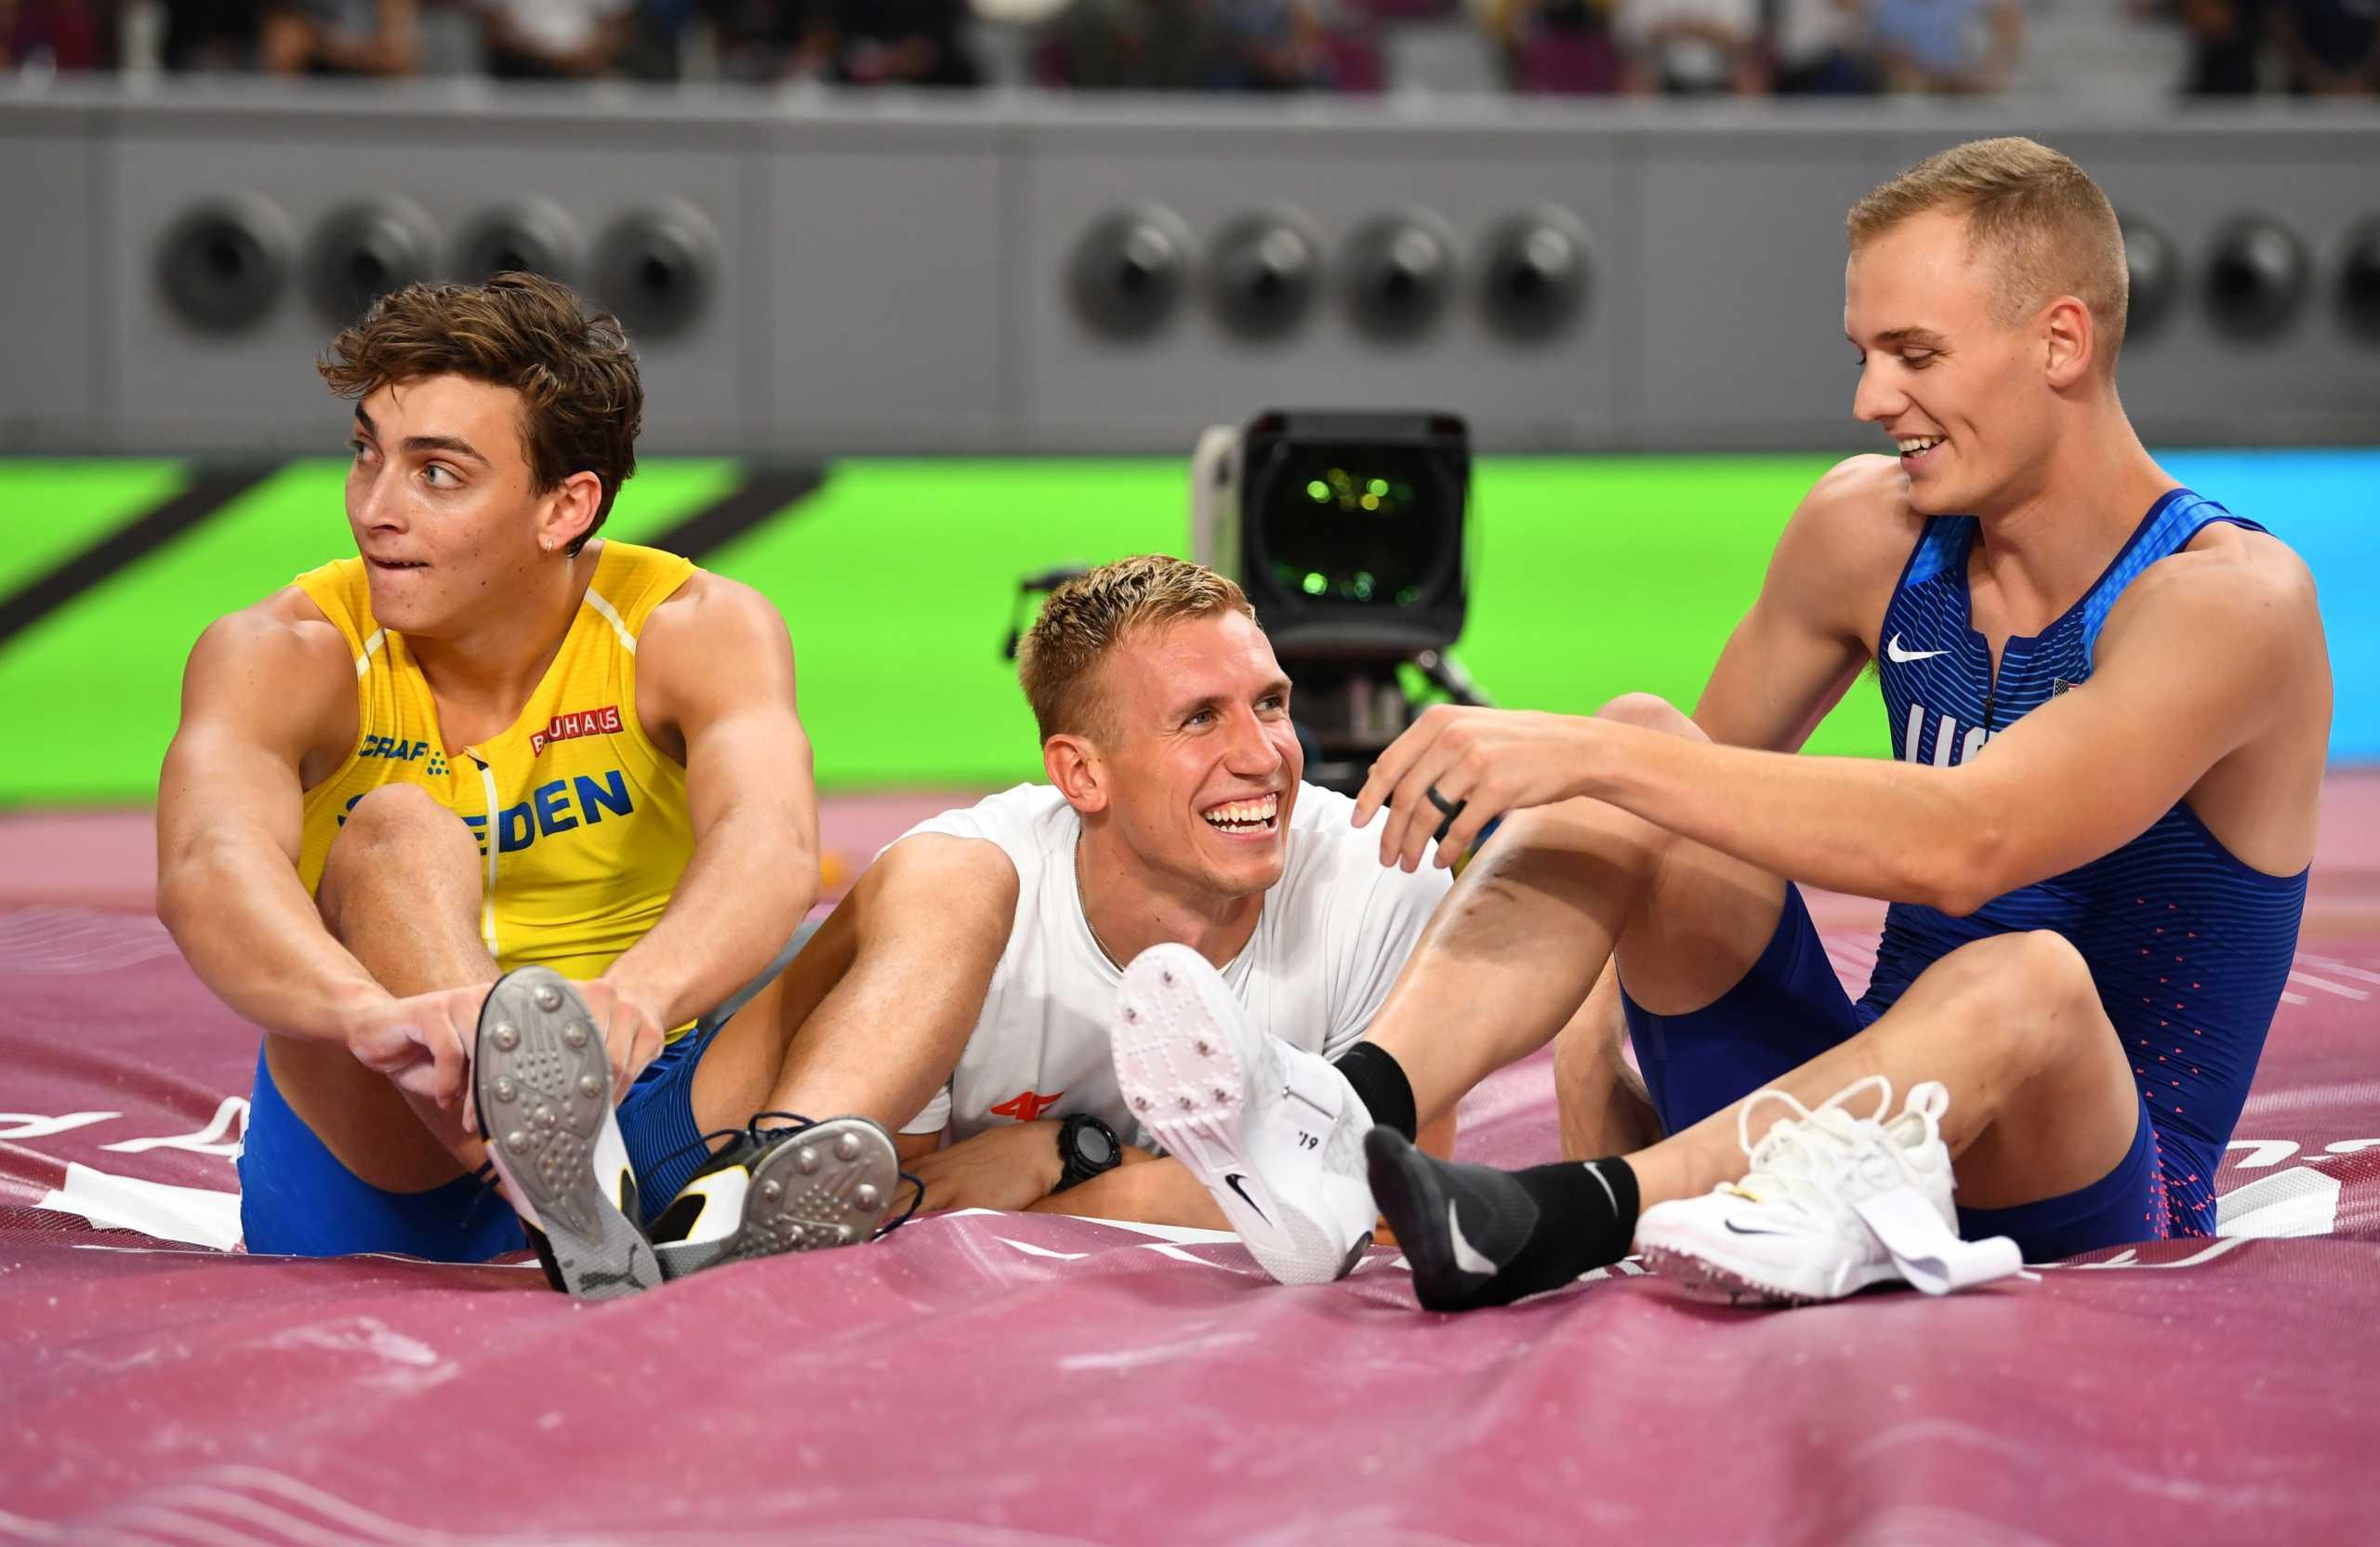 Ολυμπιακοί Αγώνες: Θετικός στον κορονοϊό ο παγκόσμιος πρωταθλητής Σαμ Κέντρικς, σε απομόνωση πολλοί αθλητές